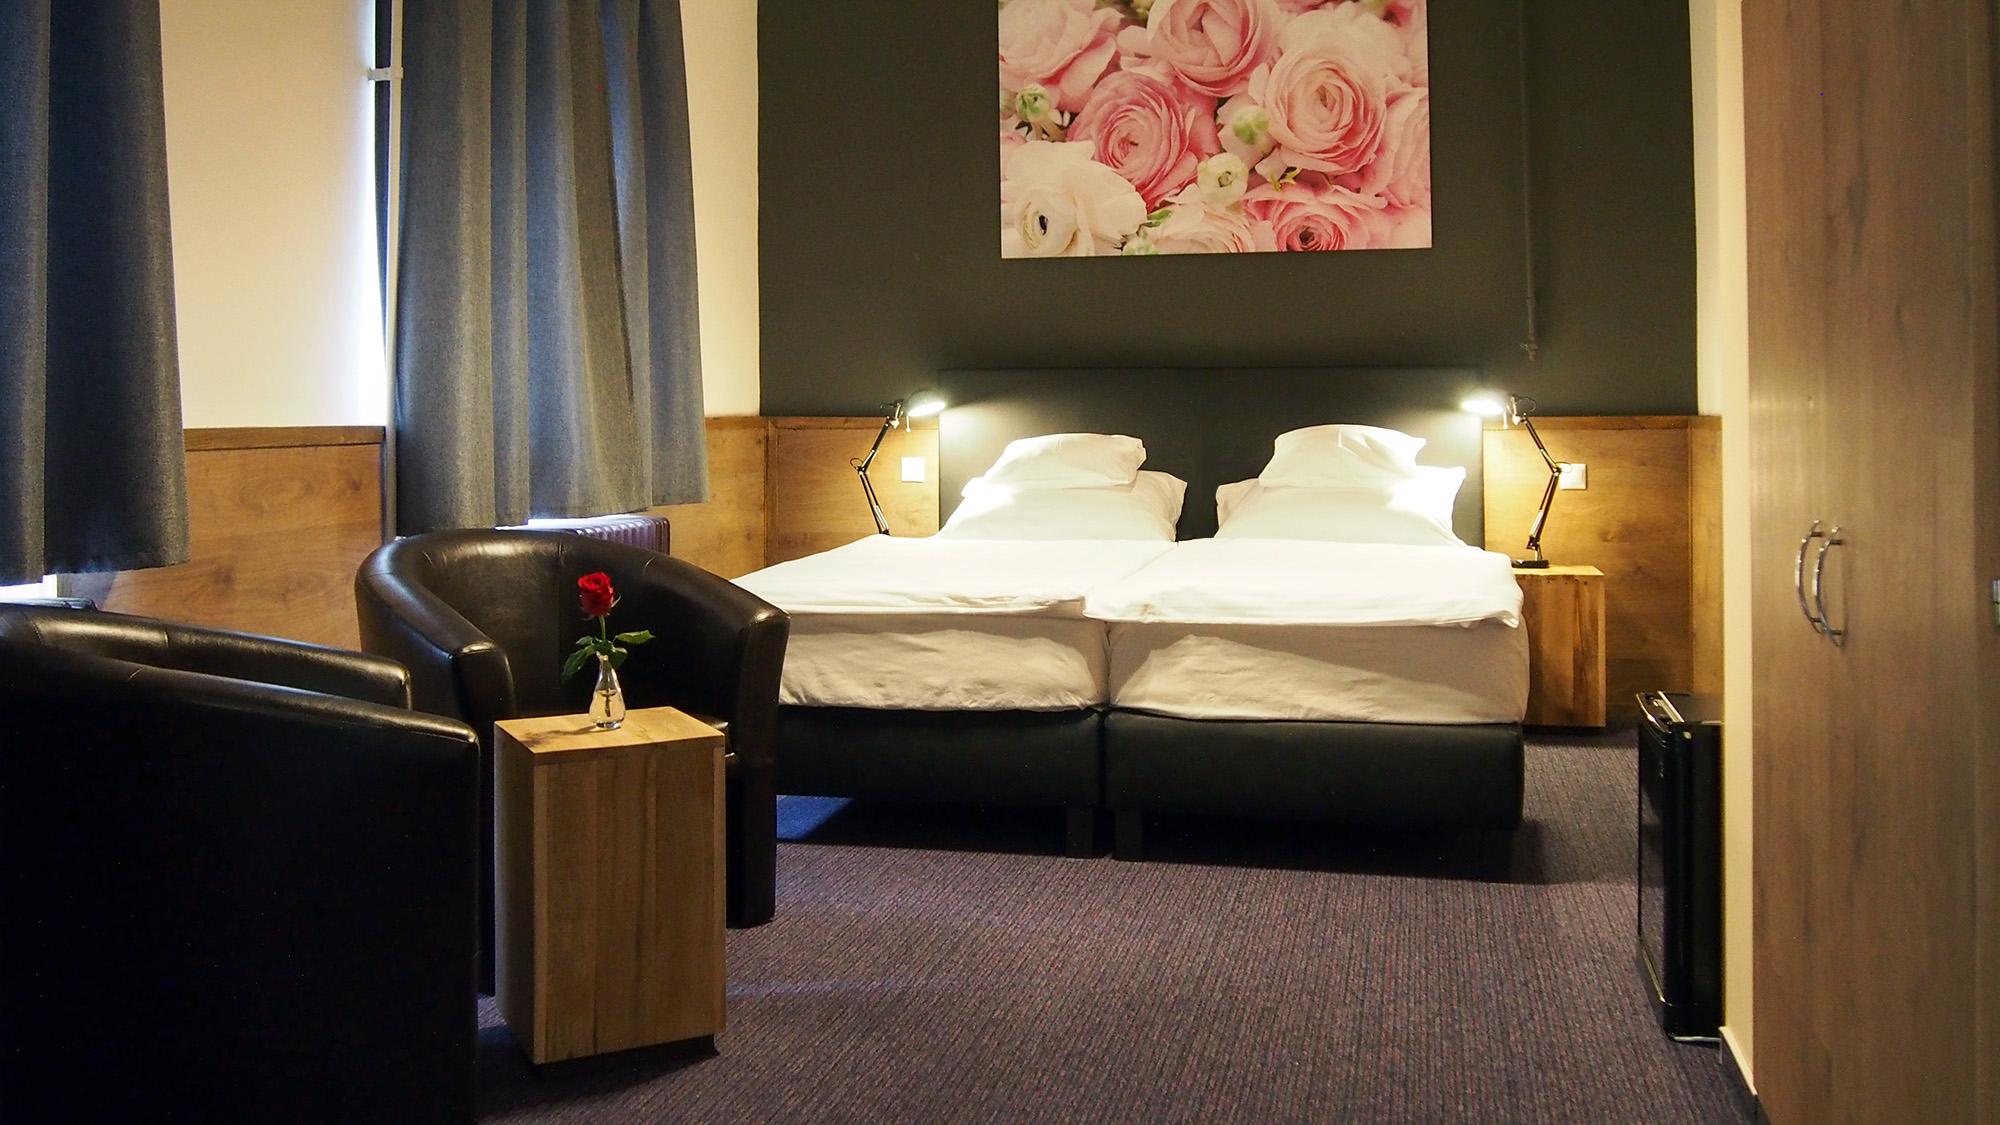 liget-hotel-szombathely-fooldal-3